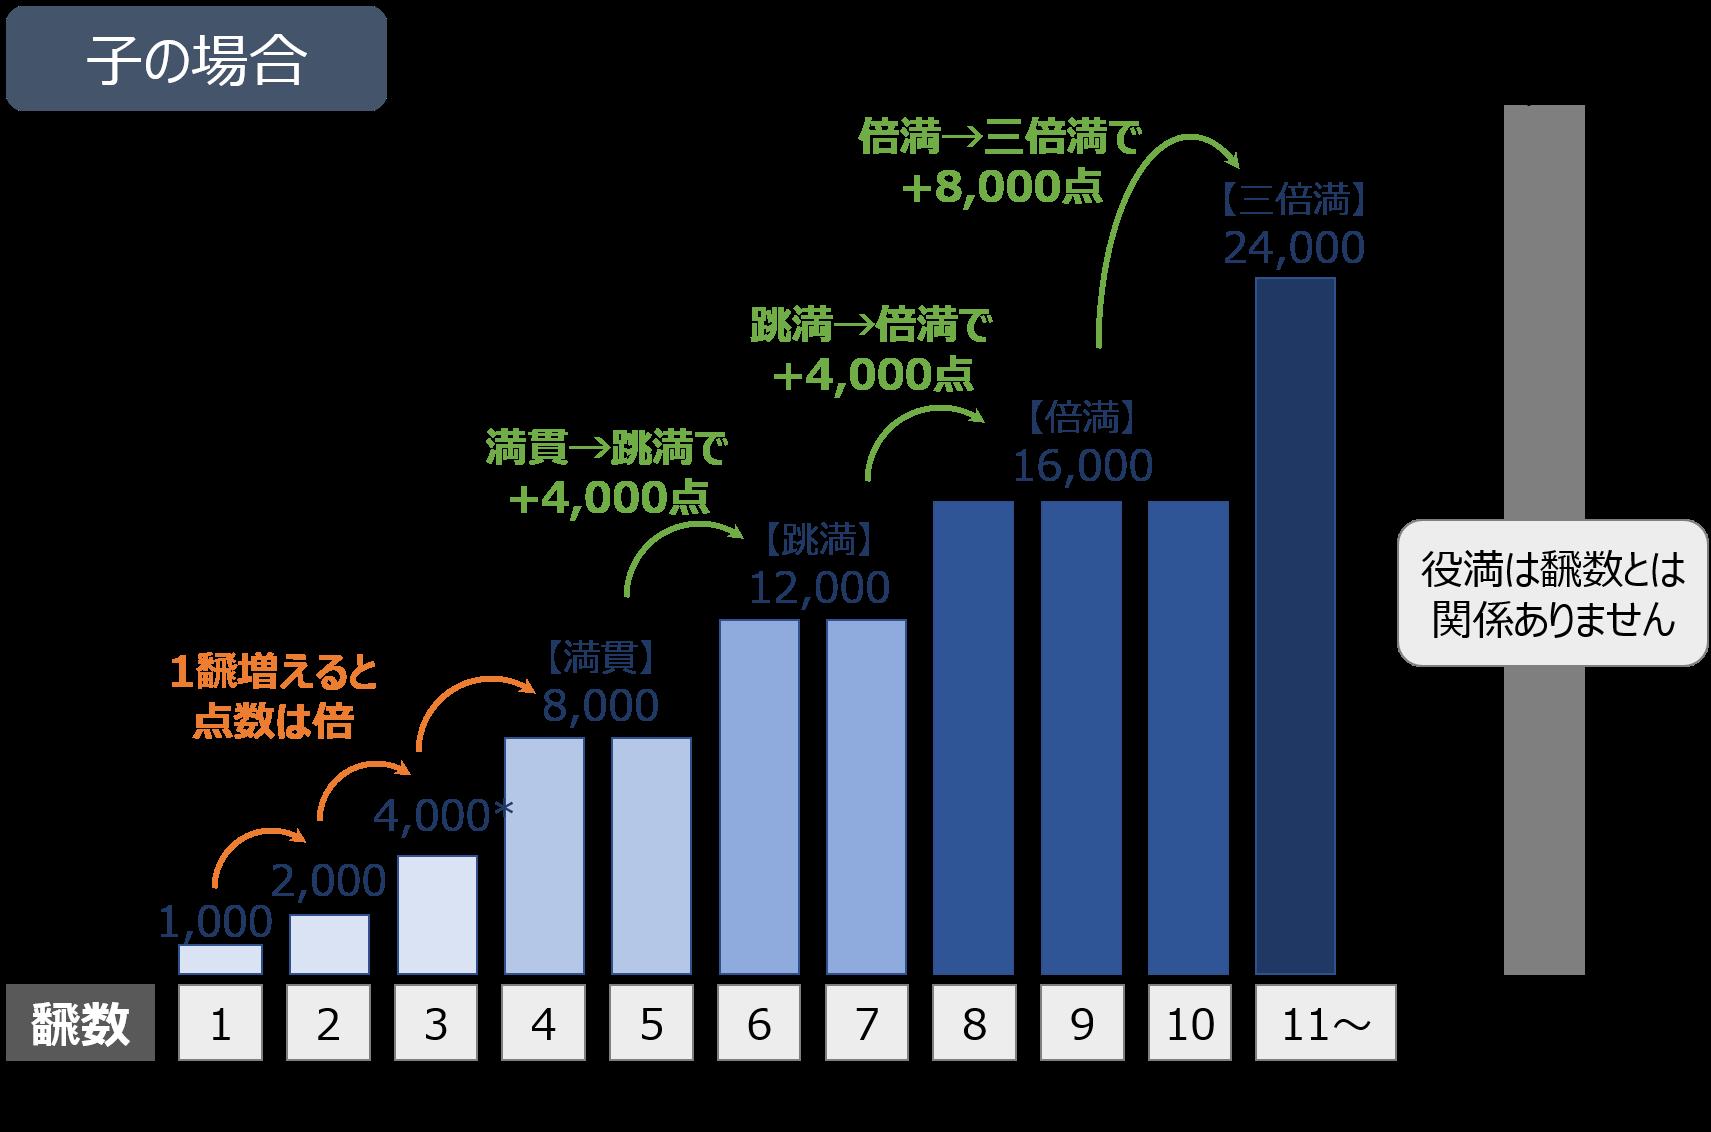 飜数と点数の関係【子】